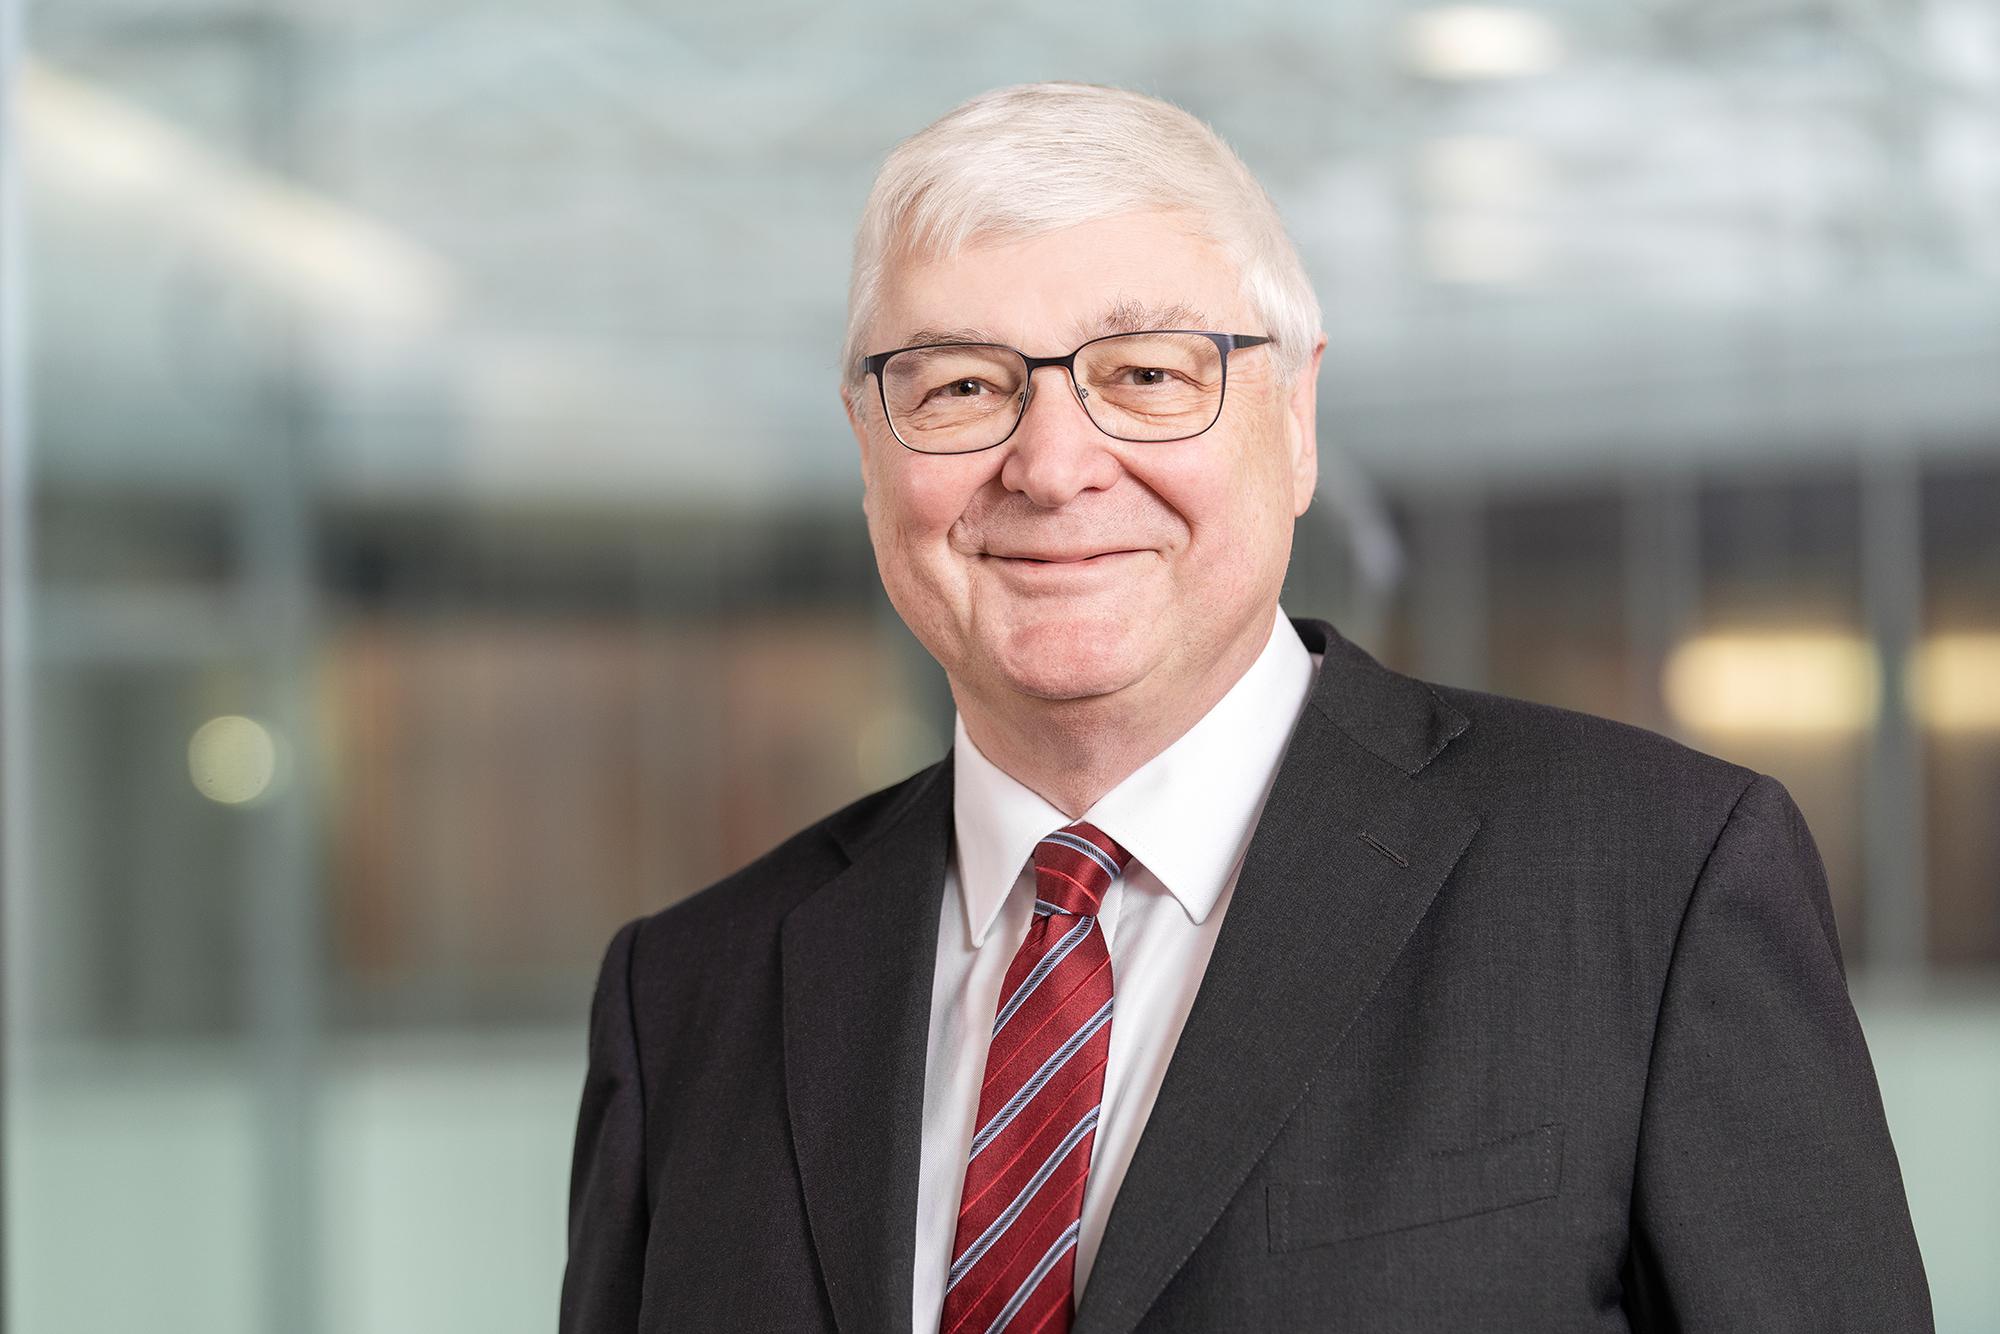 Adrian Rüesch